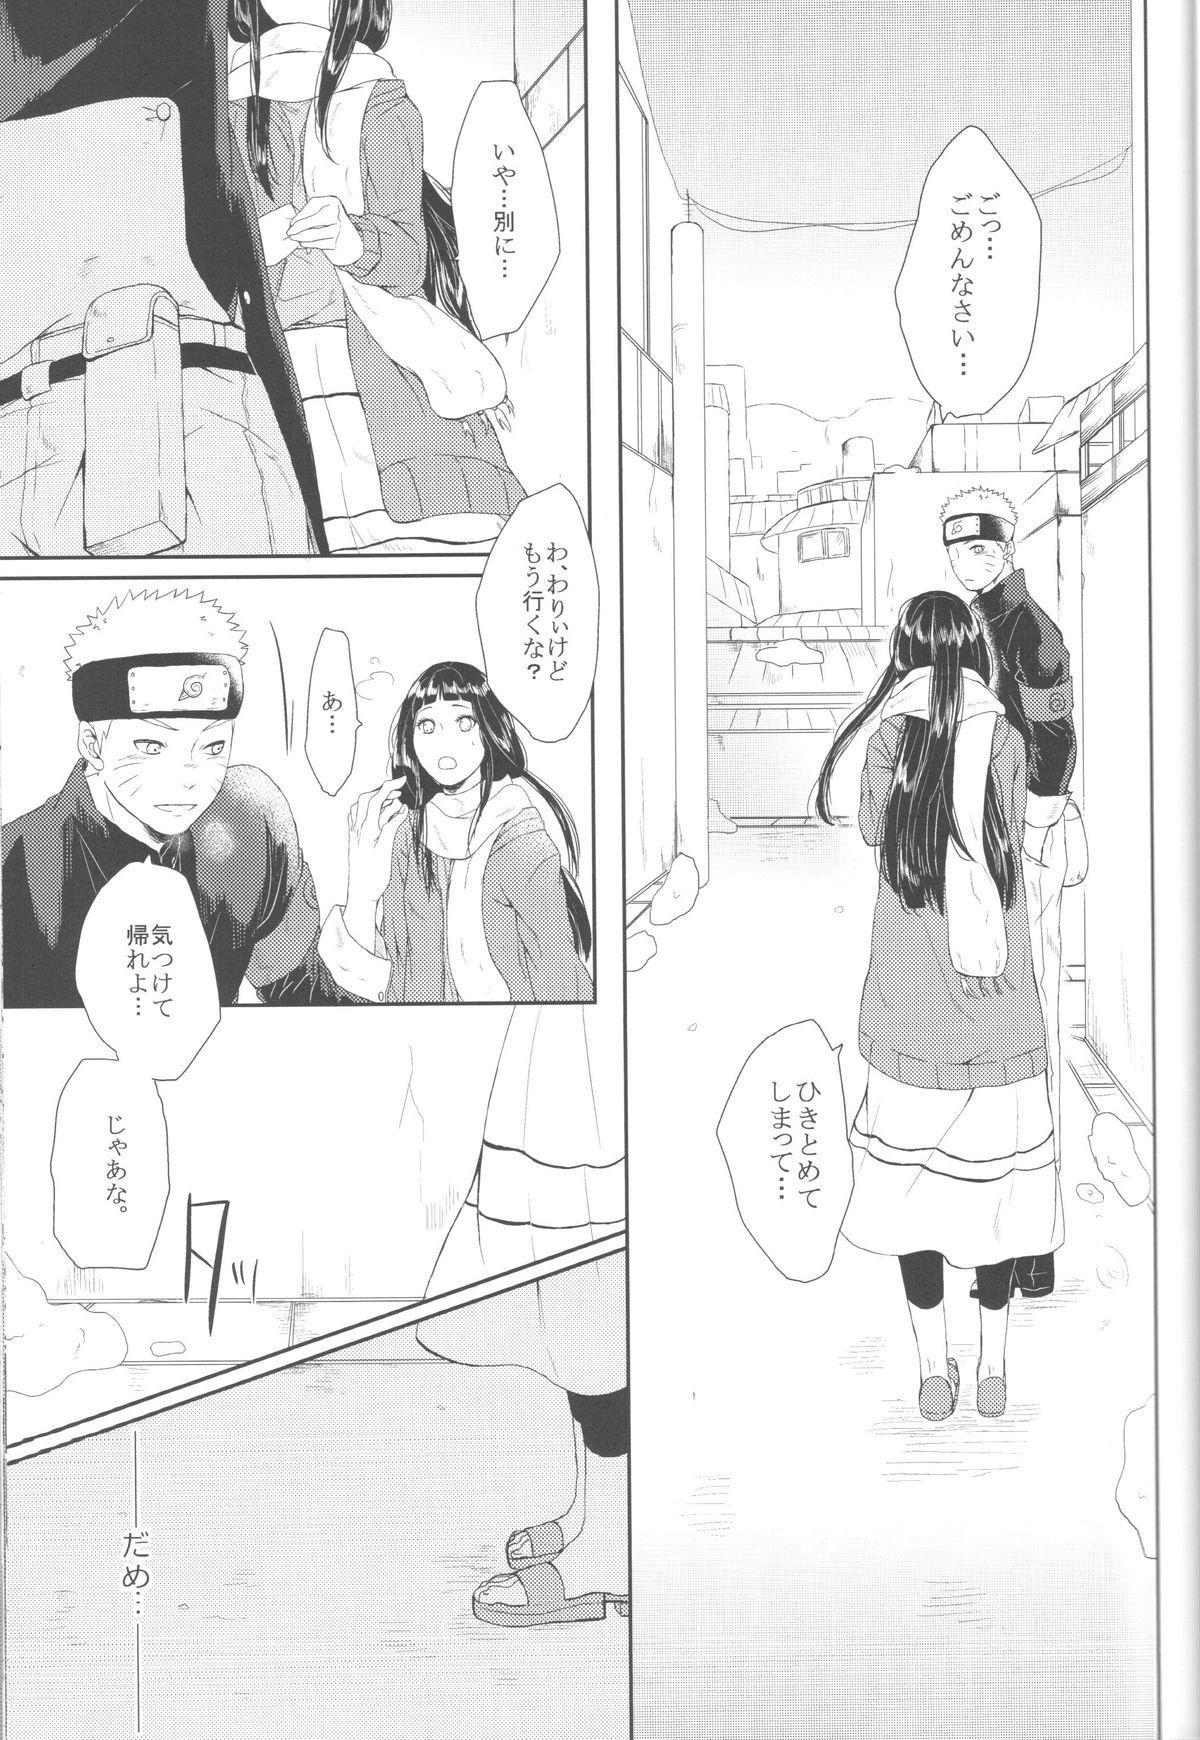 Watashi No Hajimete 17